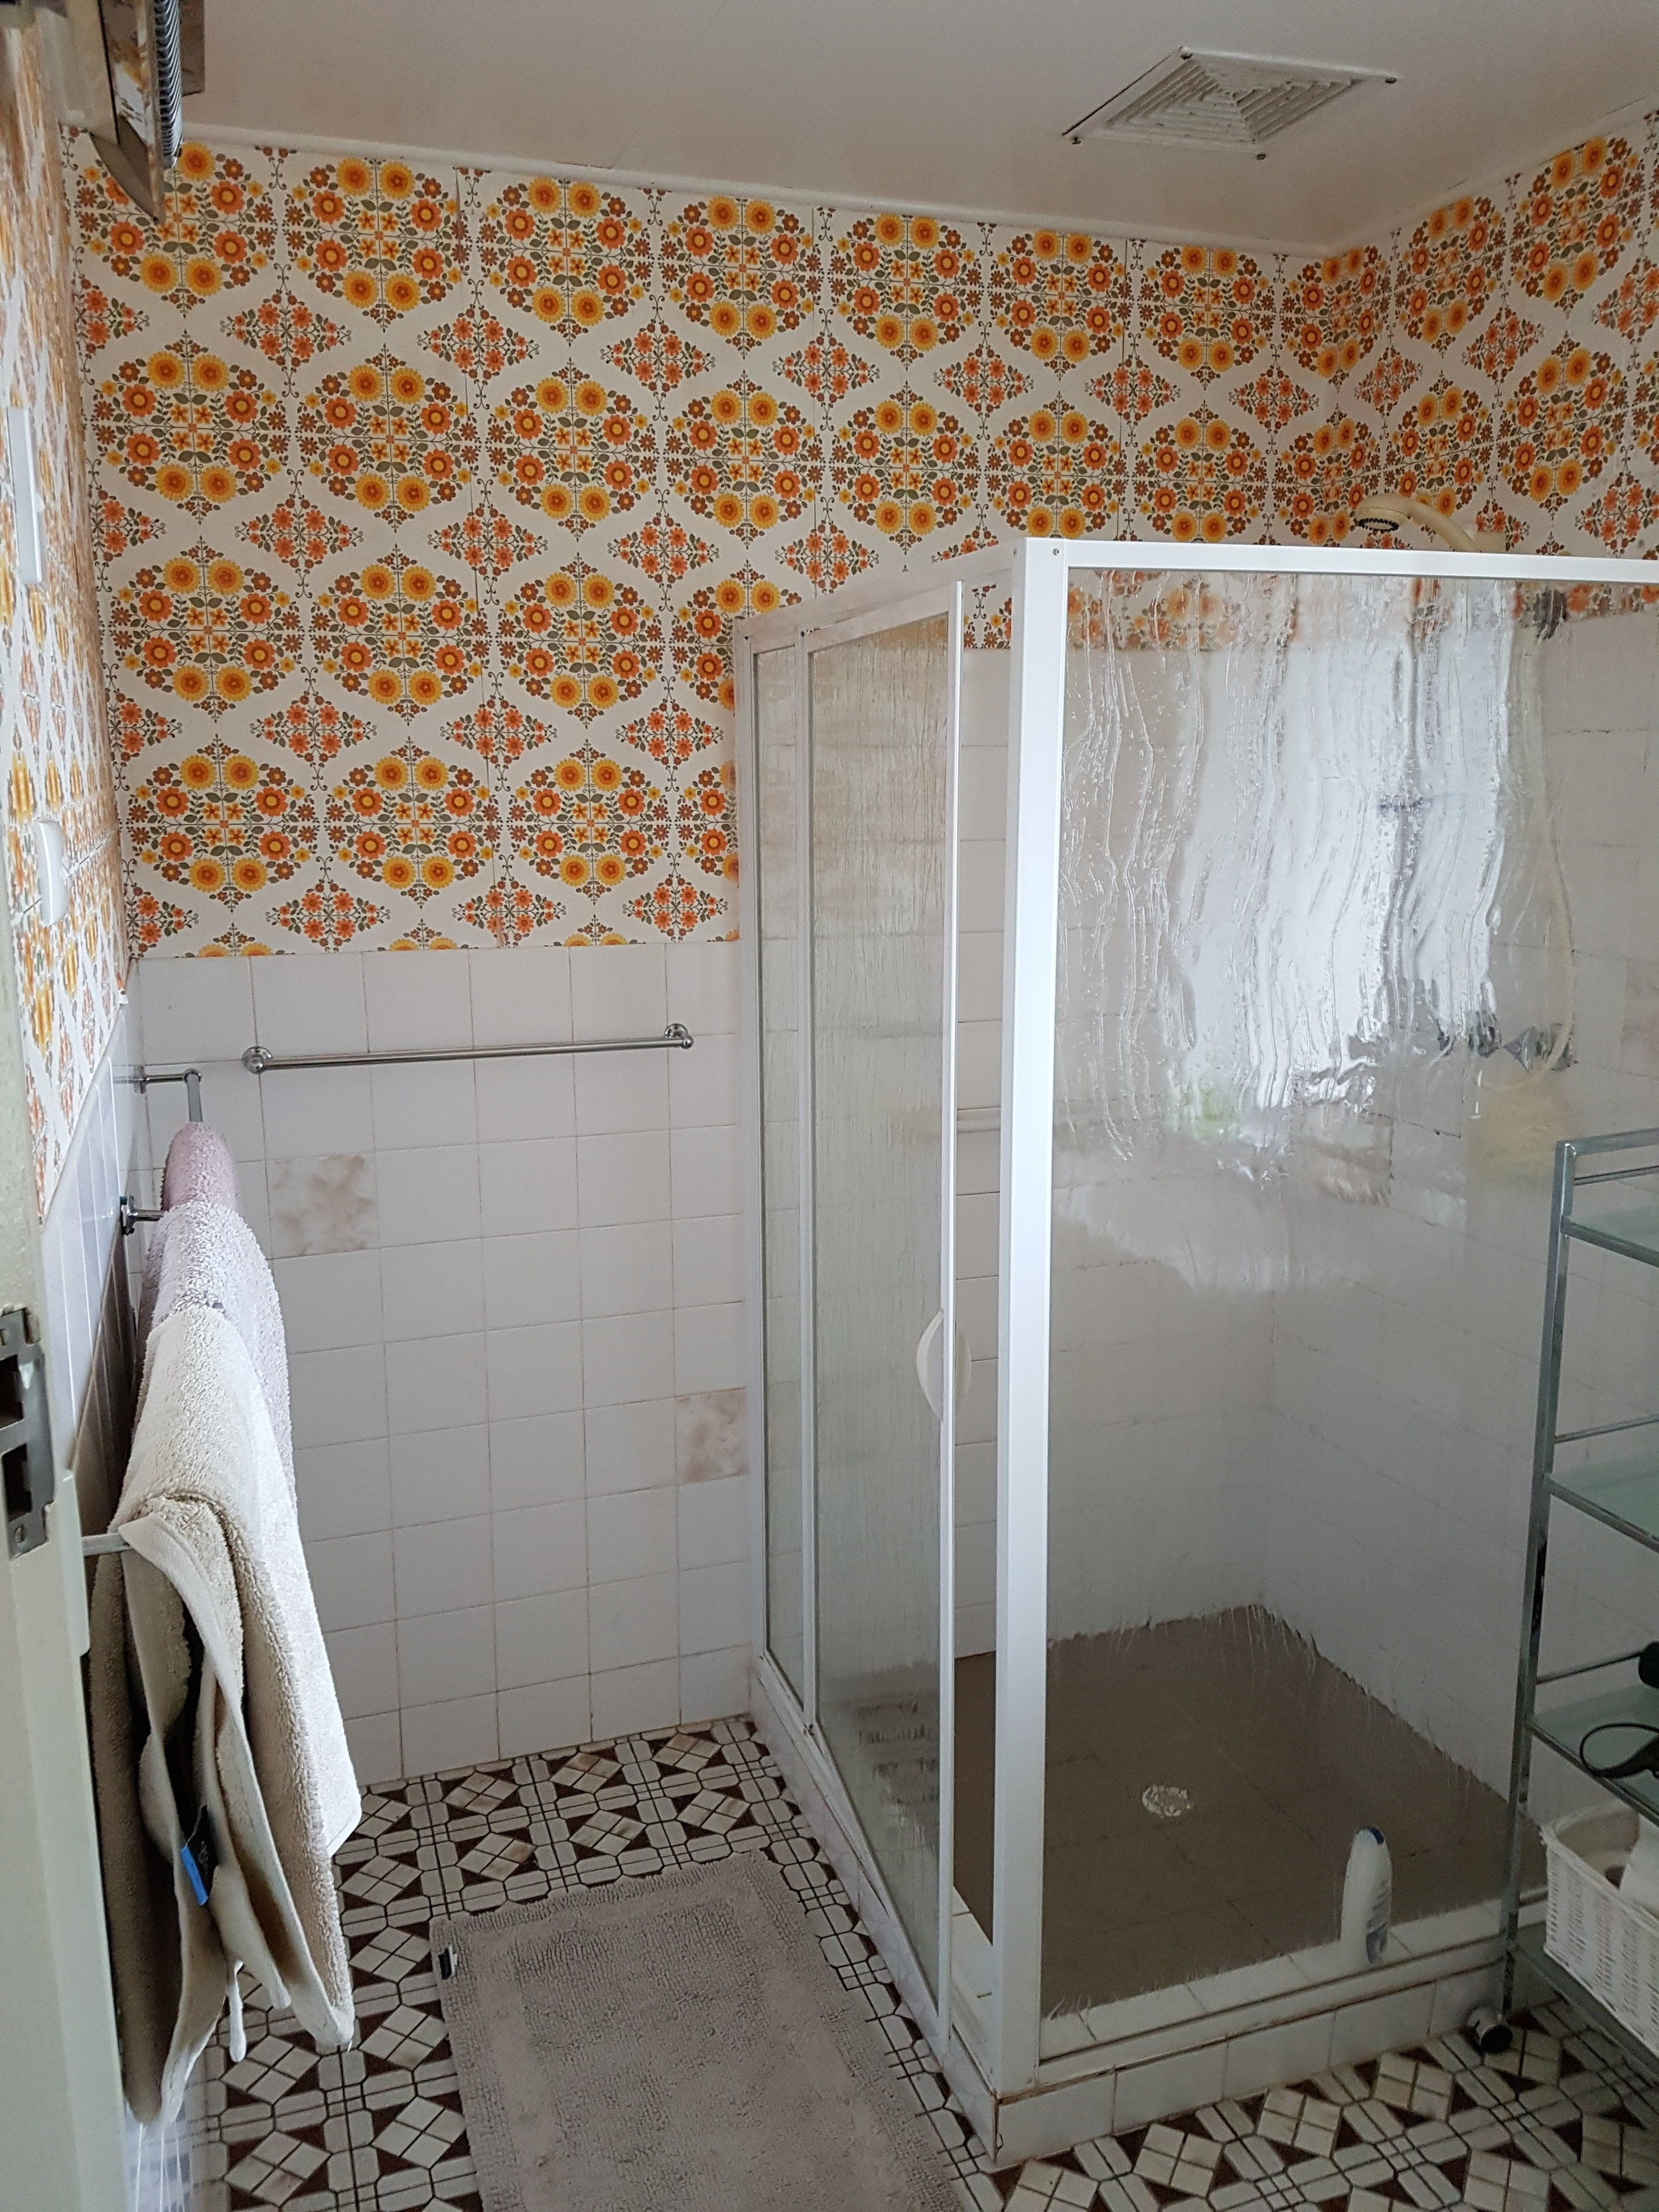 267 Shower Before shot.jpg